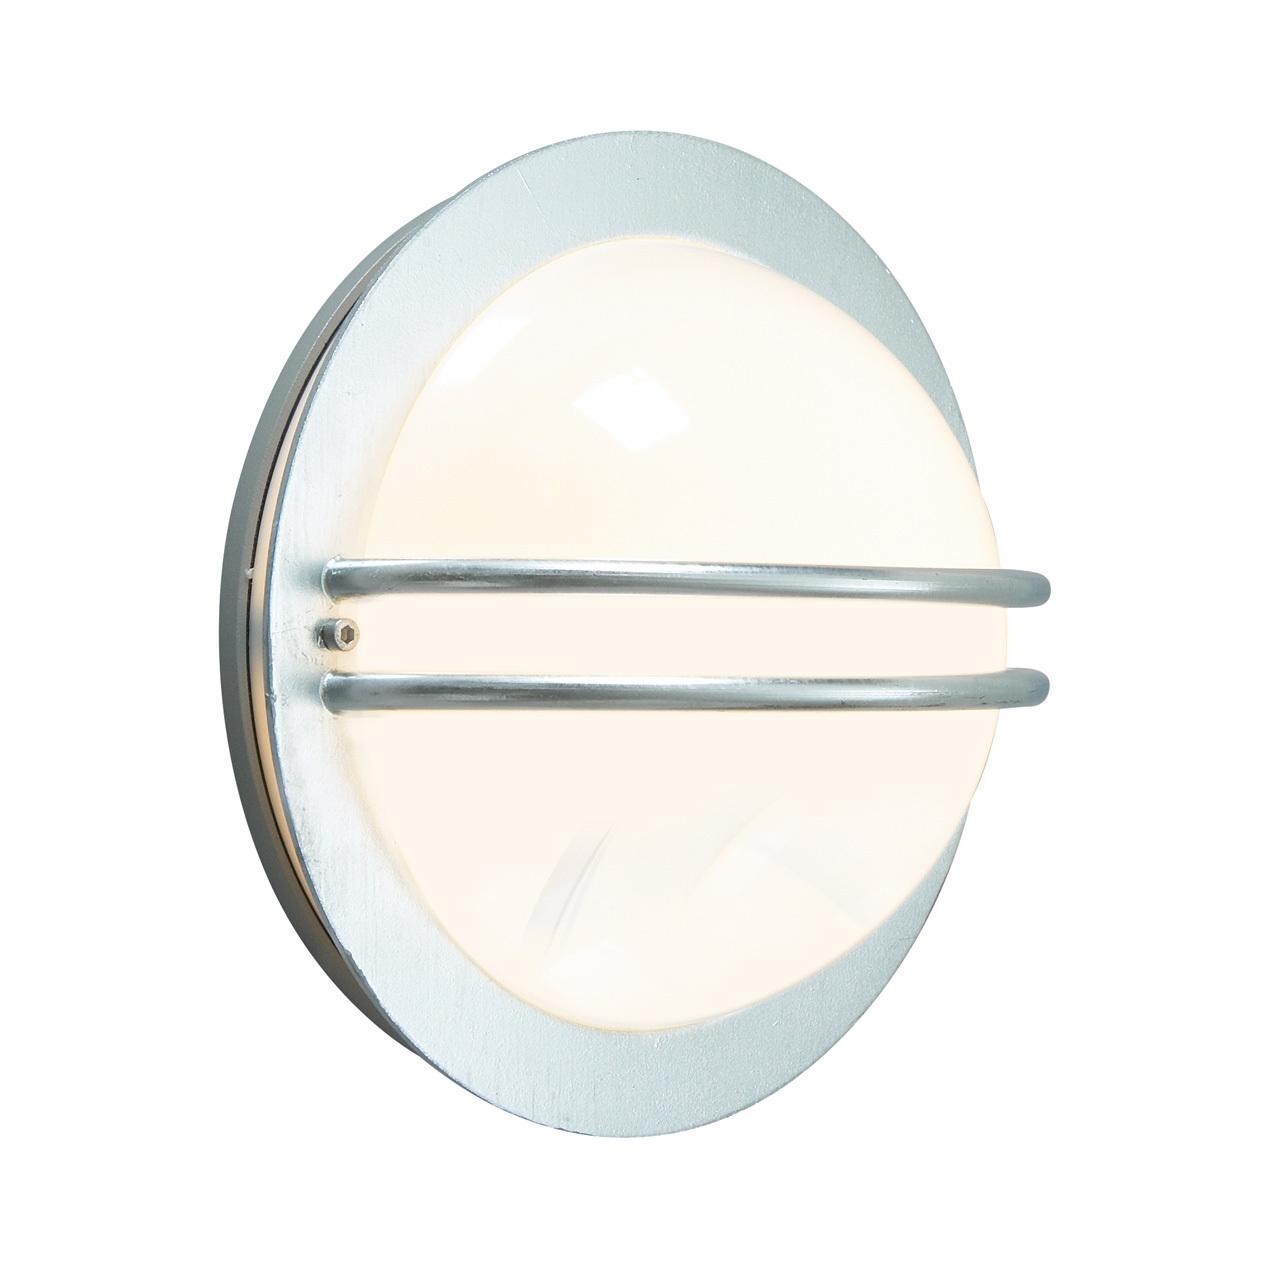 Lampa ścienna BREMEN LED 637GA -Norlys  SPRAWDŹ RABATY  5-10-15-20 % w koszyku